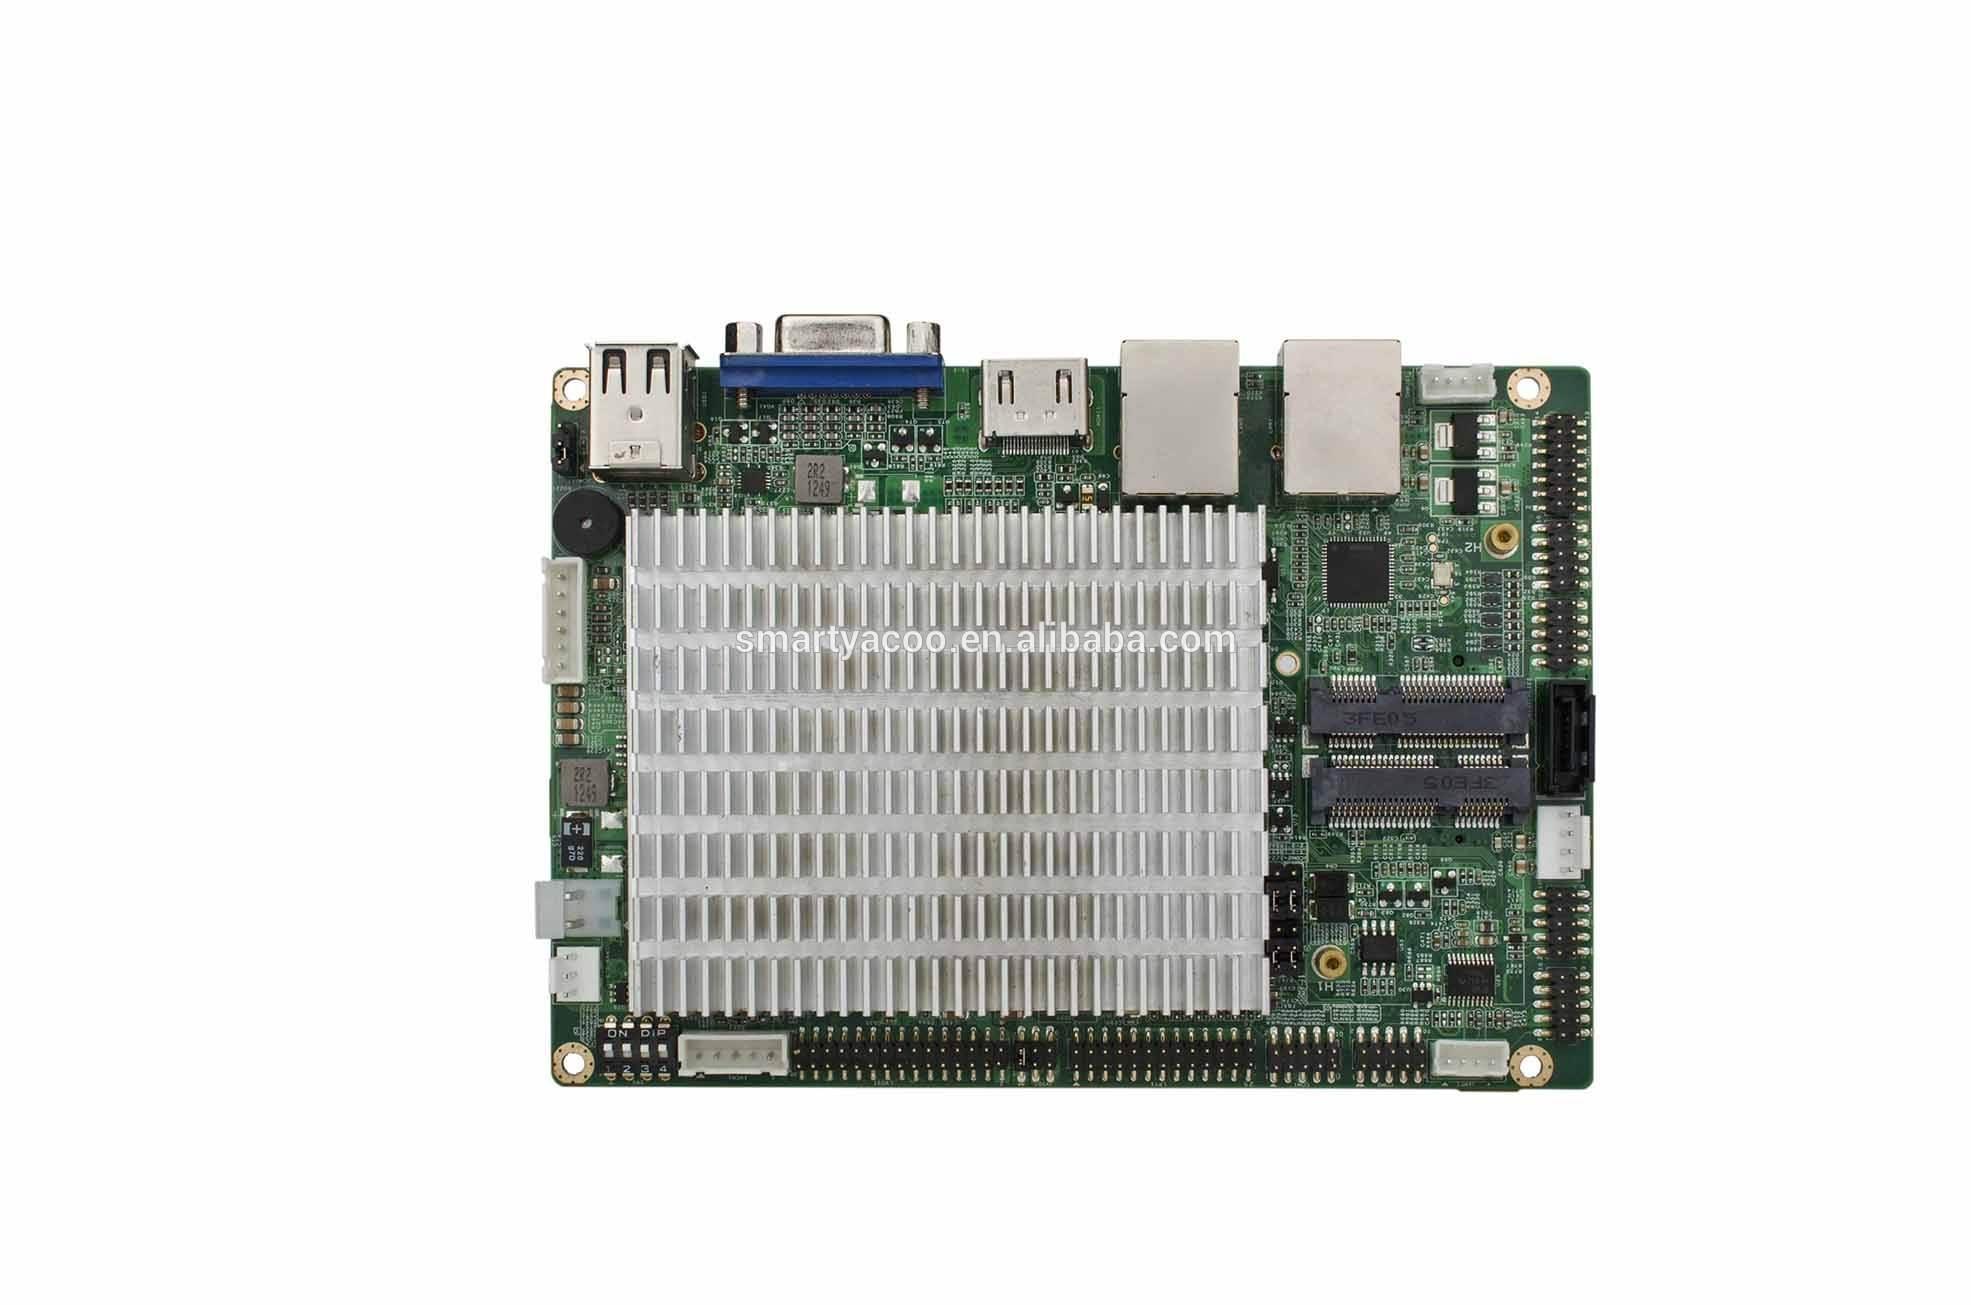 """3.5""""intel atom de cedro sendero n2600/2800 sin ventilador de la cpu sola computadora de tablero enc-5891 sbc"""